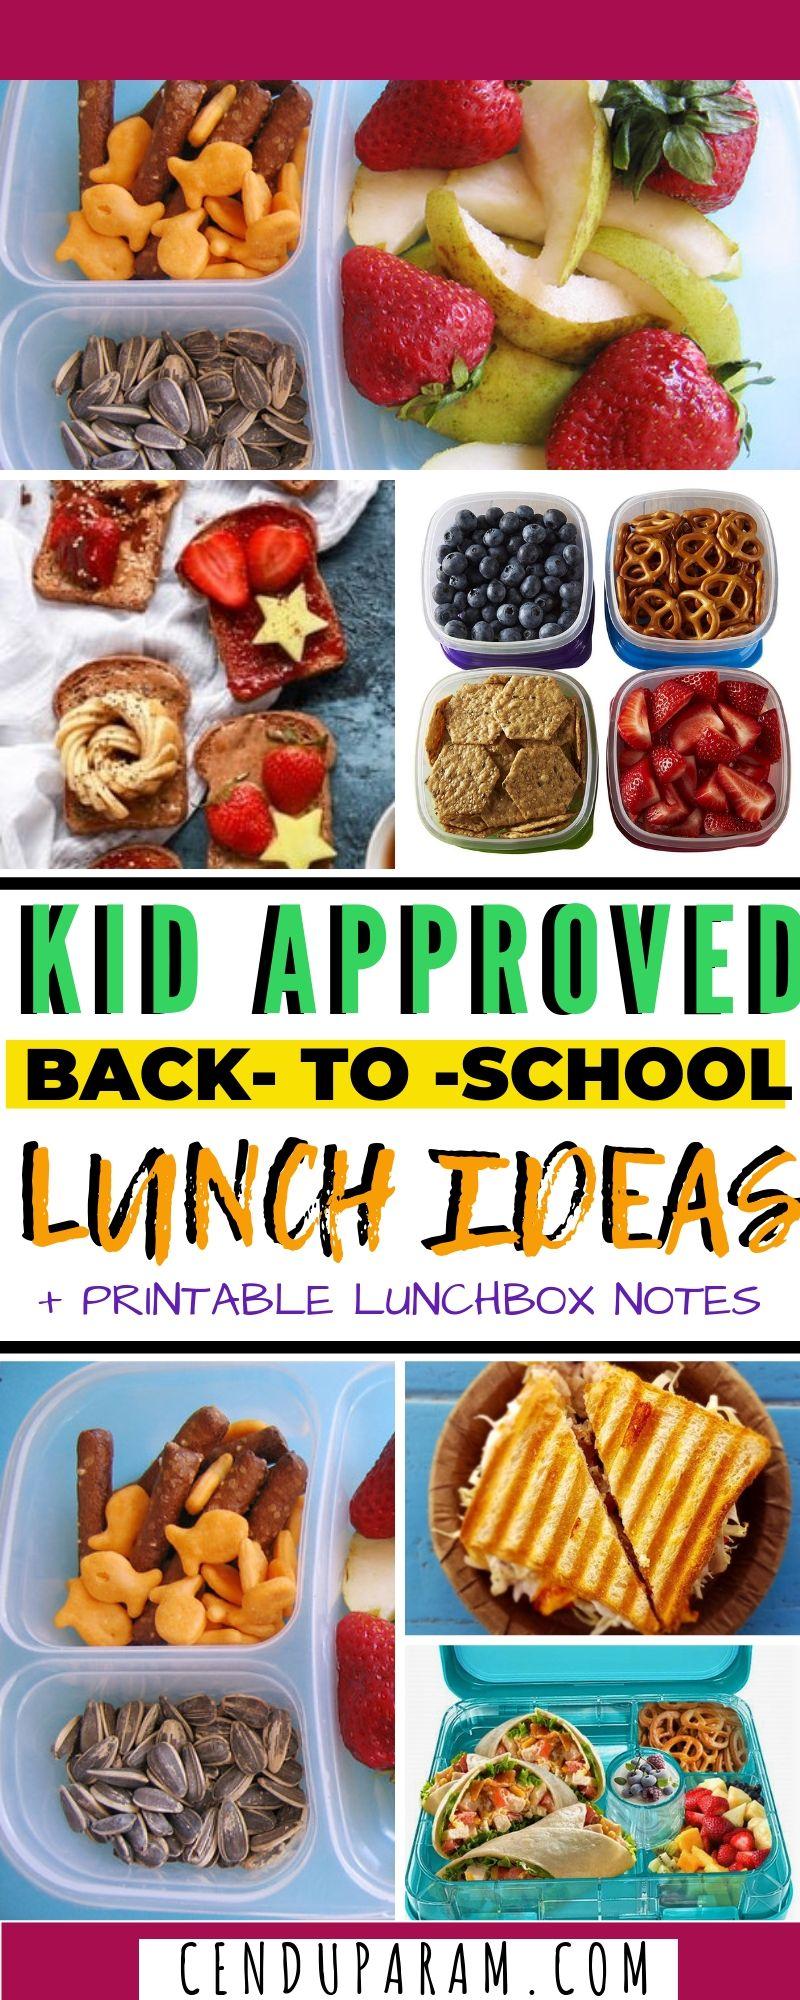 Kids lunch ideas for school